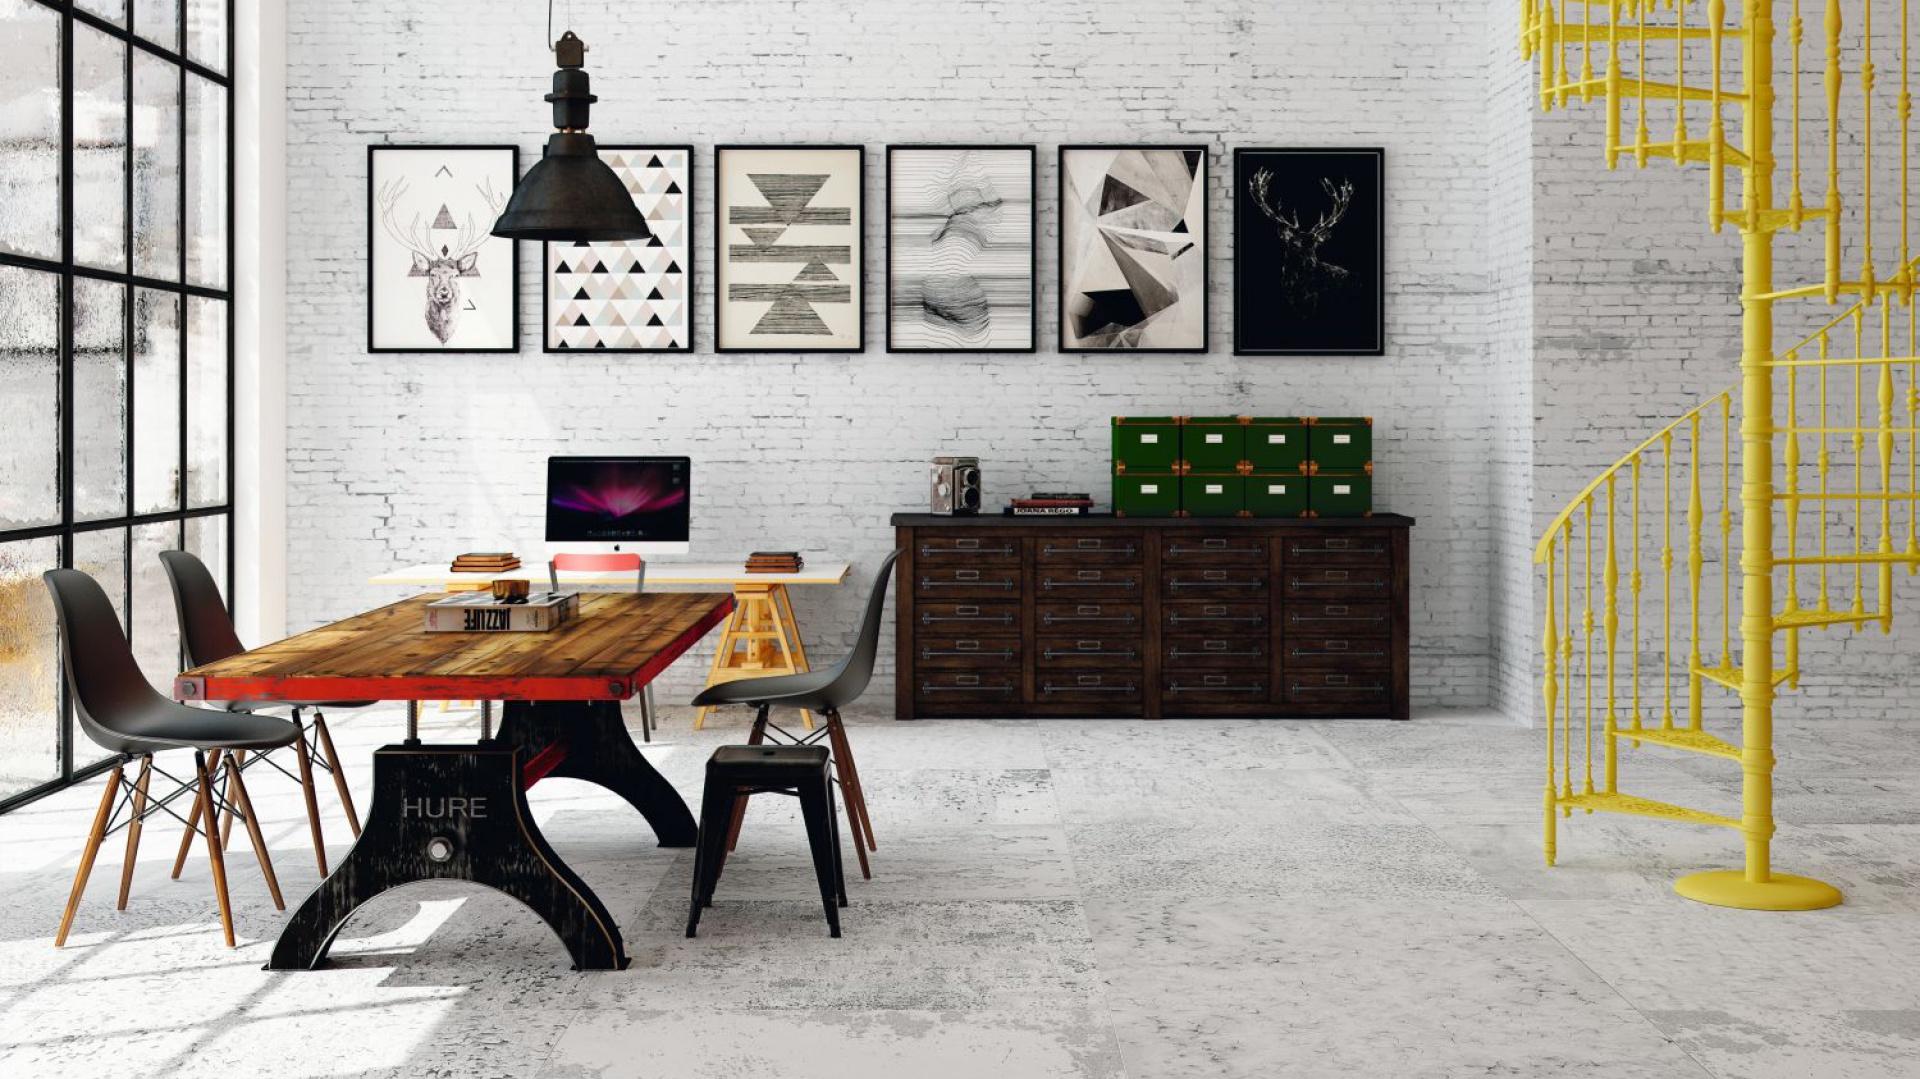 Surowym płytkom z kolekcji Ferrum, które pokryły podłogę towarzyszą płytki mitujące białą cegłe na ścianie. Fot. Aparici